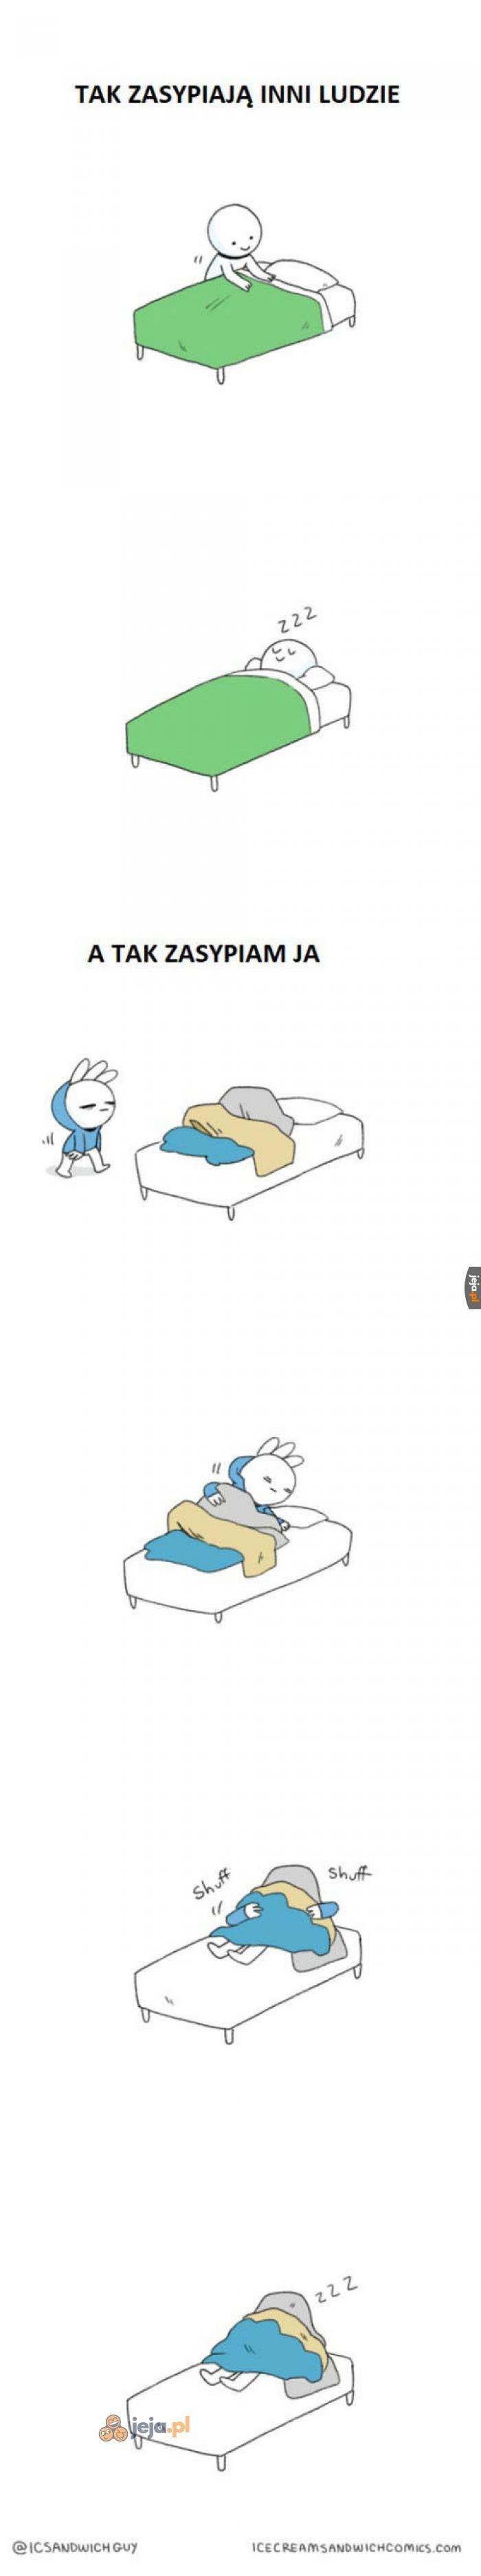 A Ty jak zasypiasz?